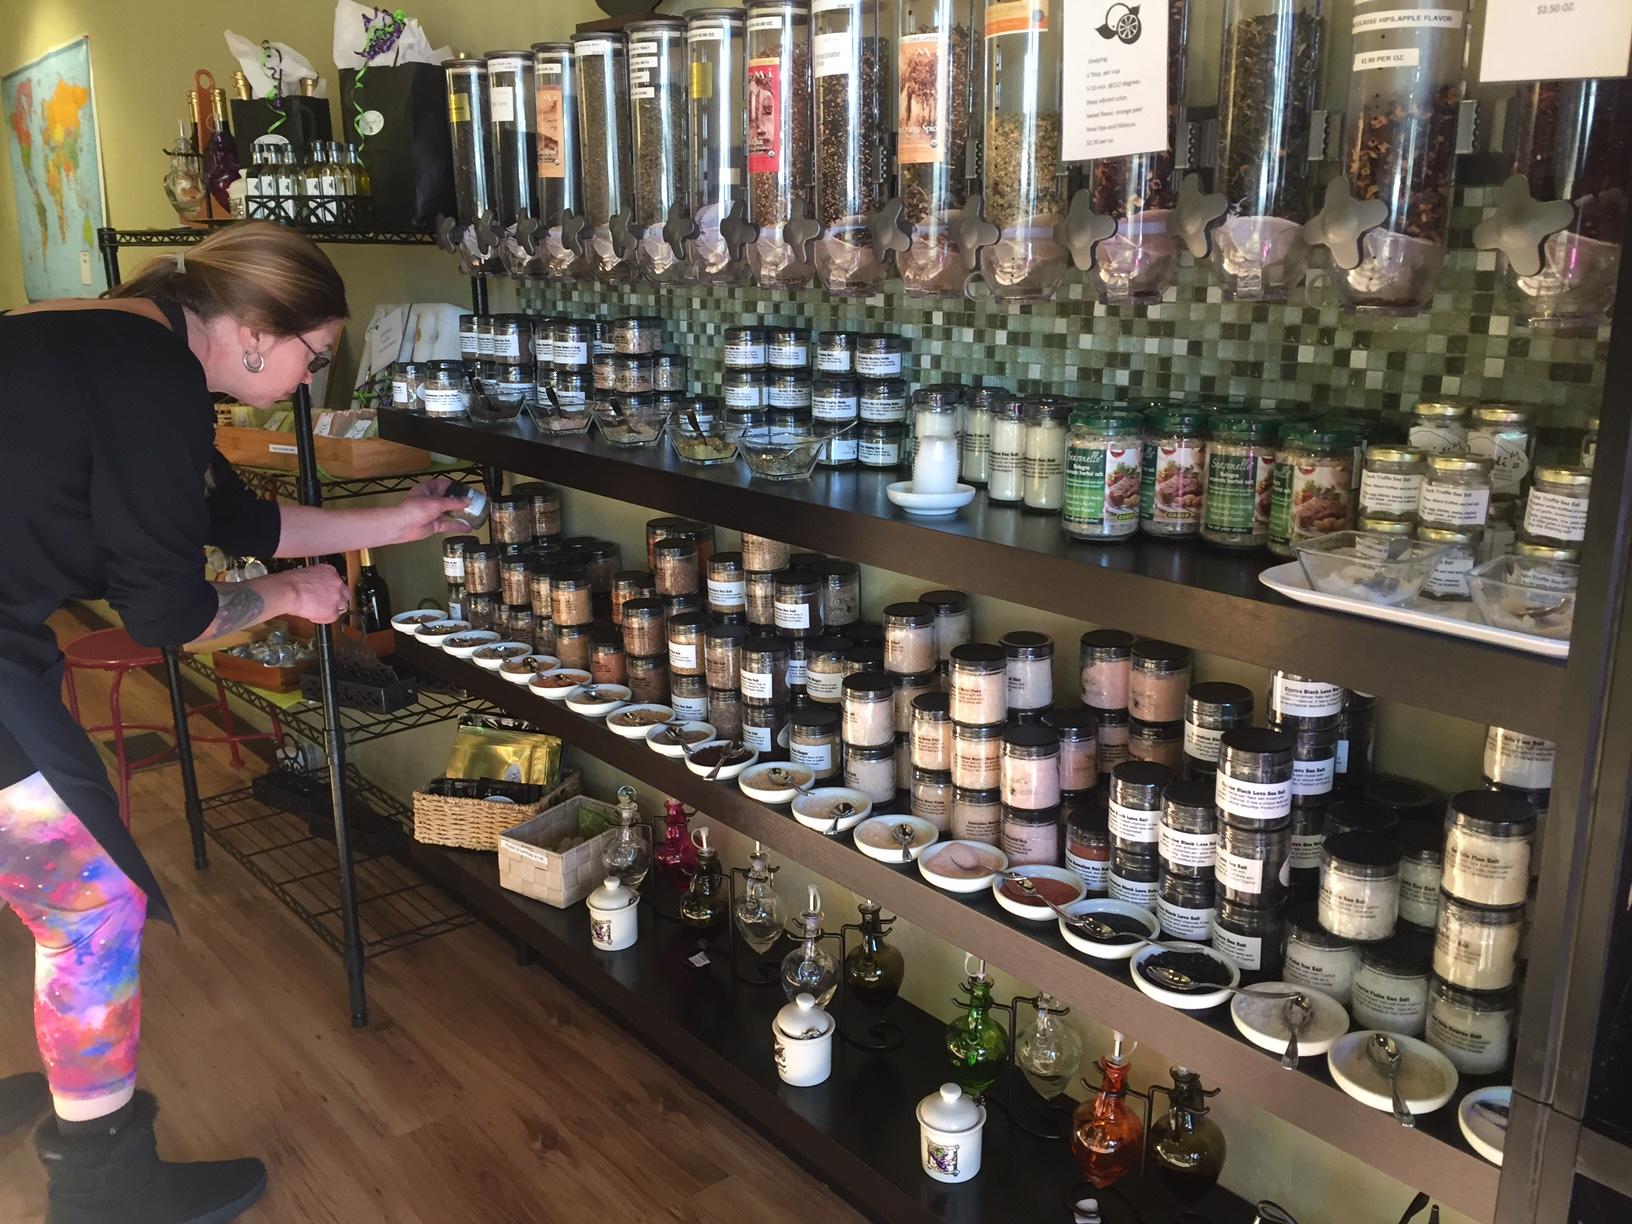 Salt selection at Navidi's in Bend, OR